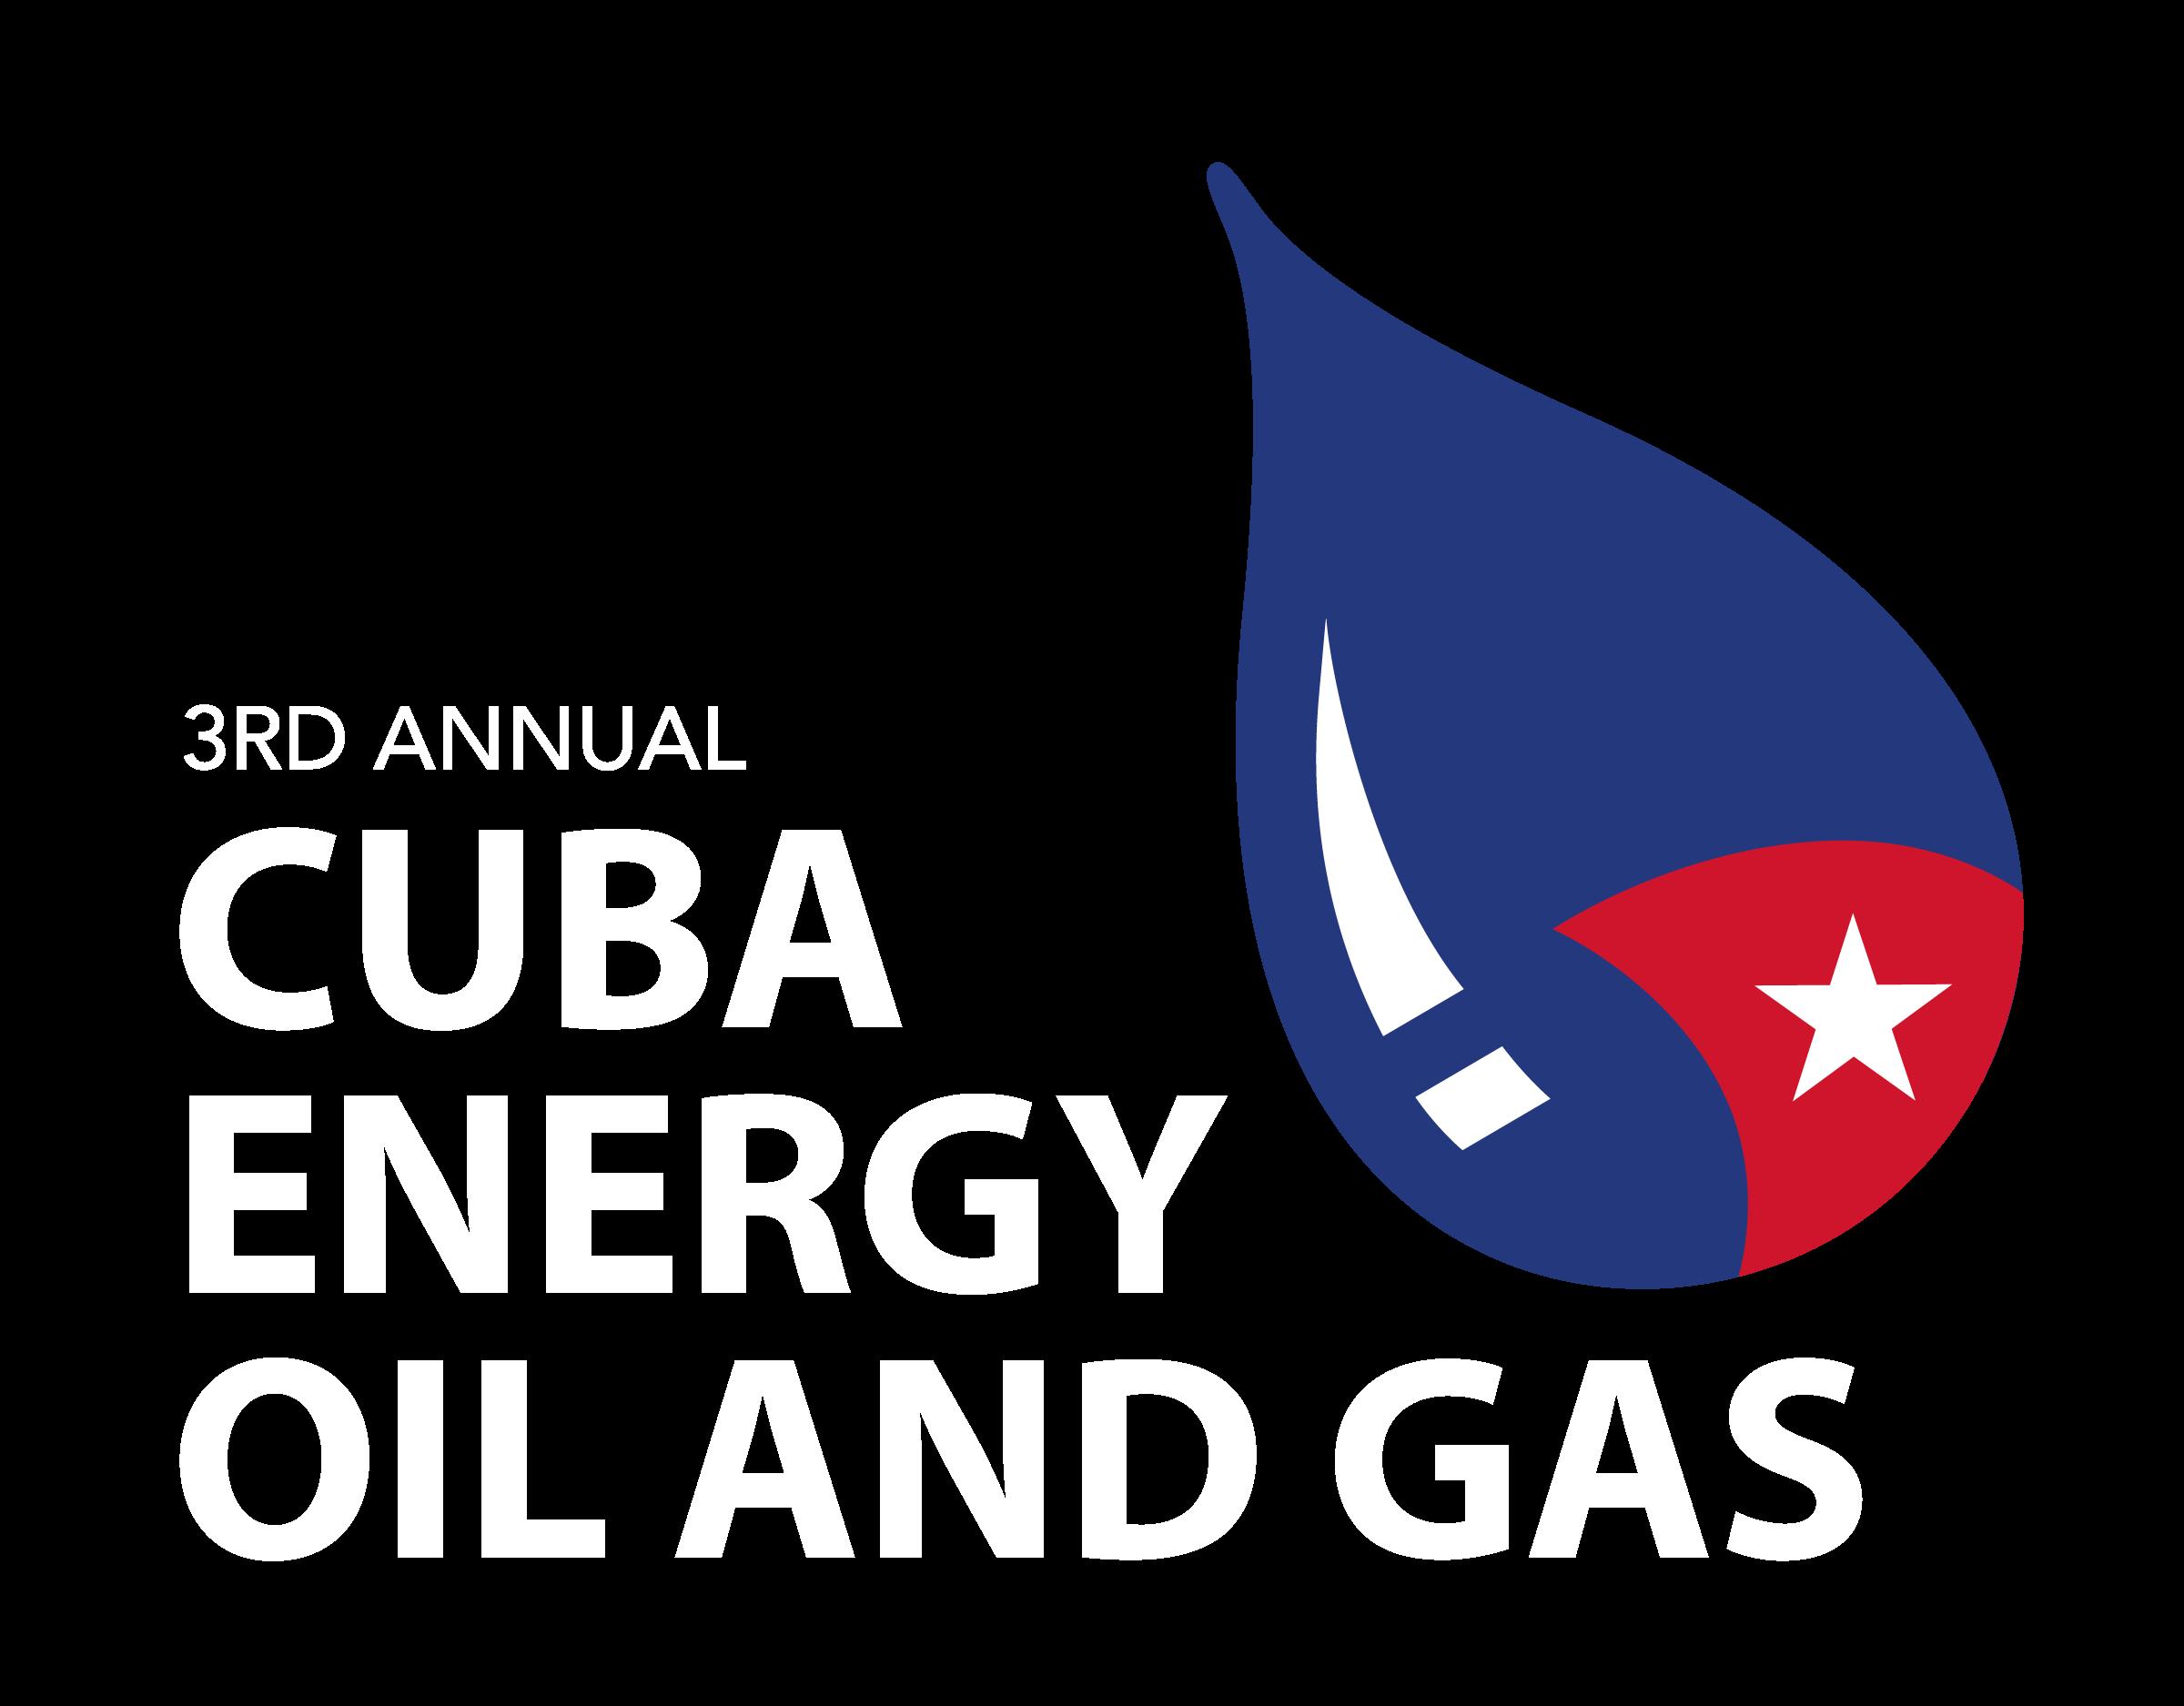 Cuba Energy Oil & Gas.